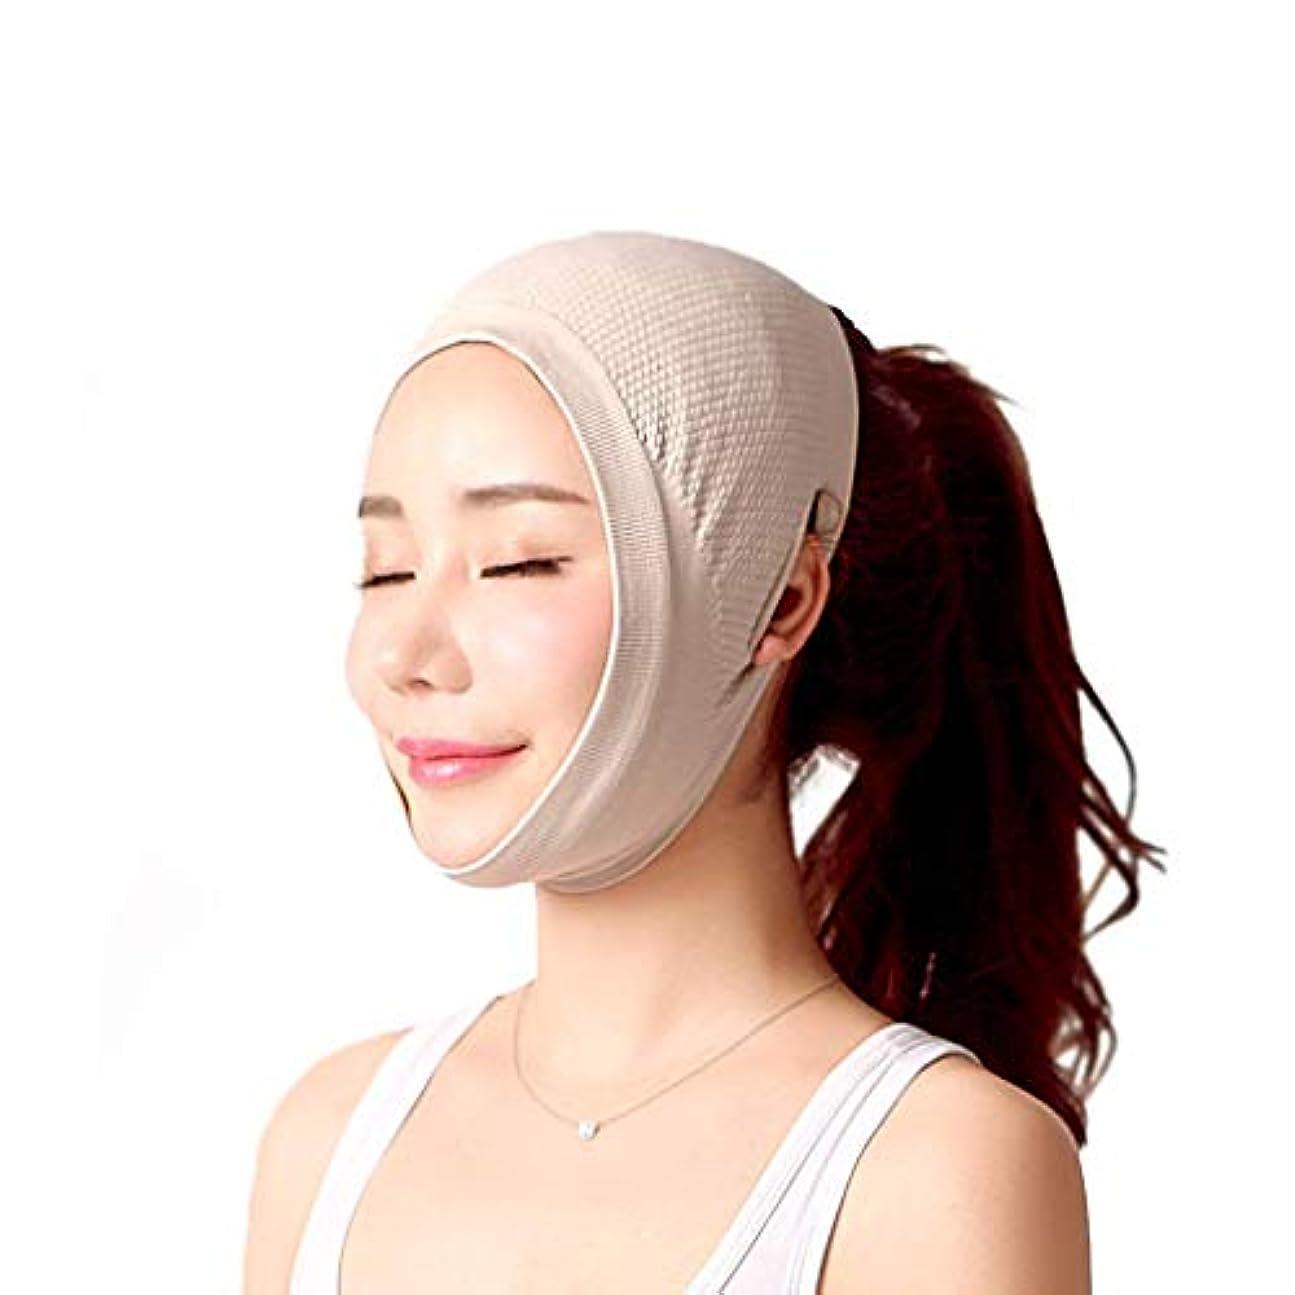 勃起ロボット注入顔痩身包帯、二重あご、二重あごを減らすために顔を持ち上げる、顔を引き締める、体重を減らすためのマスク(ワンサイズ)